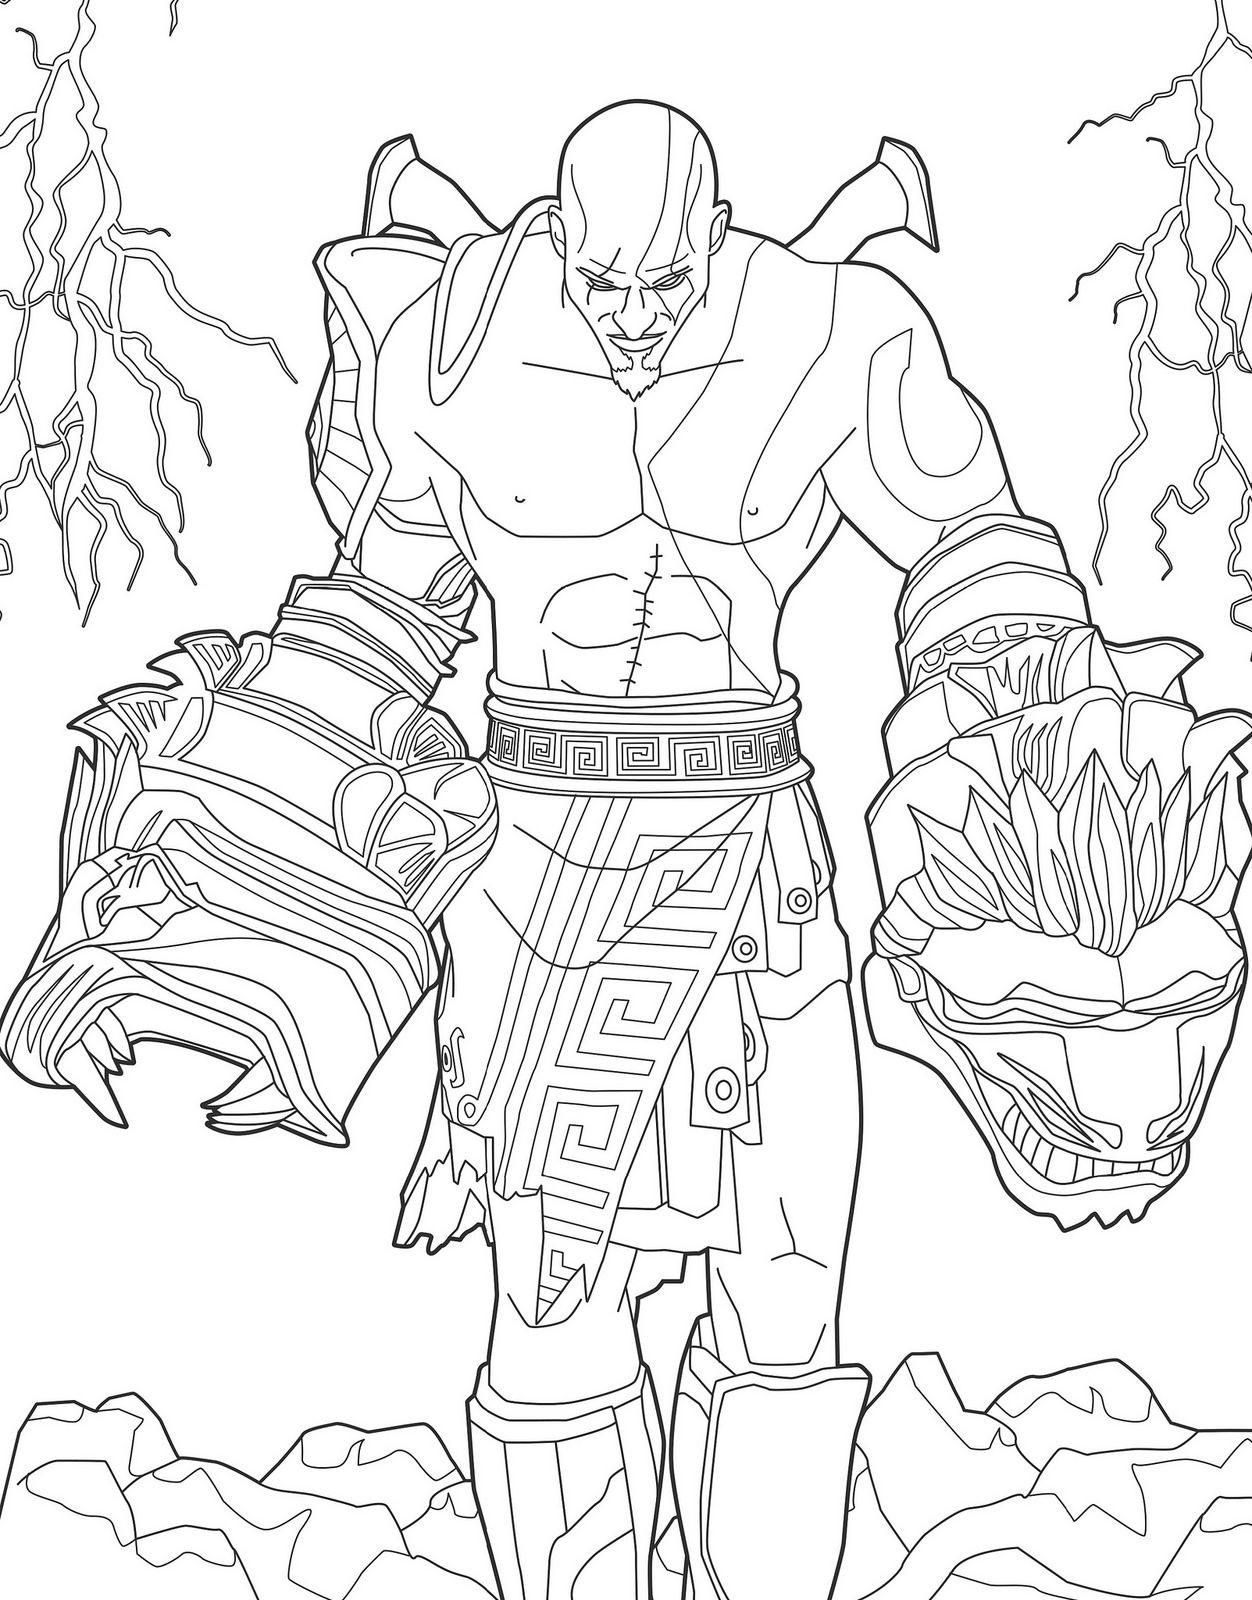 kratos from god of war artfortheplayers